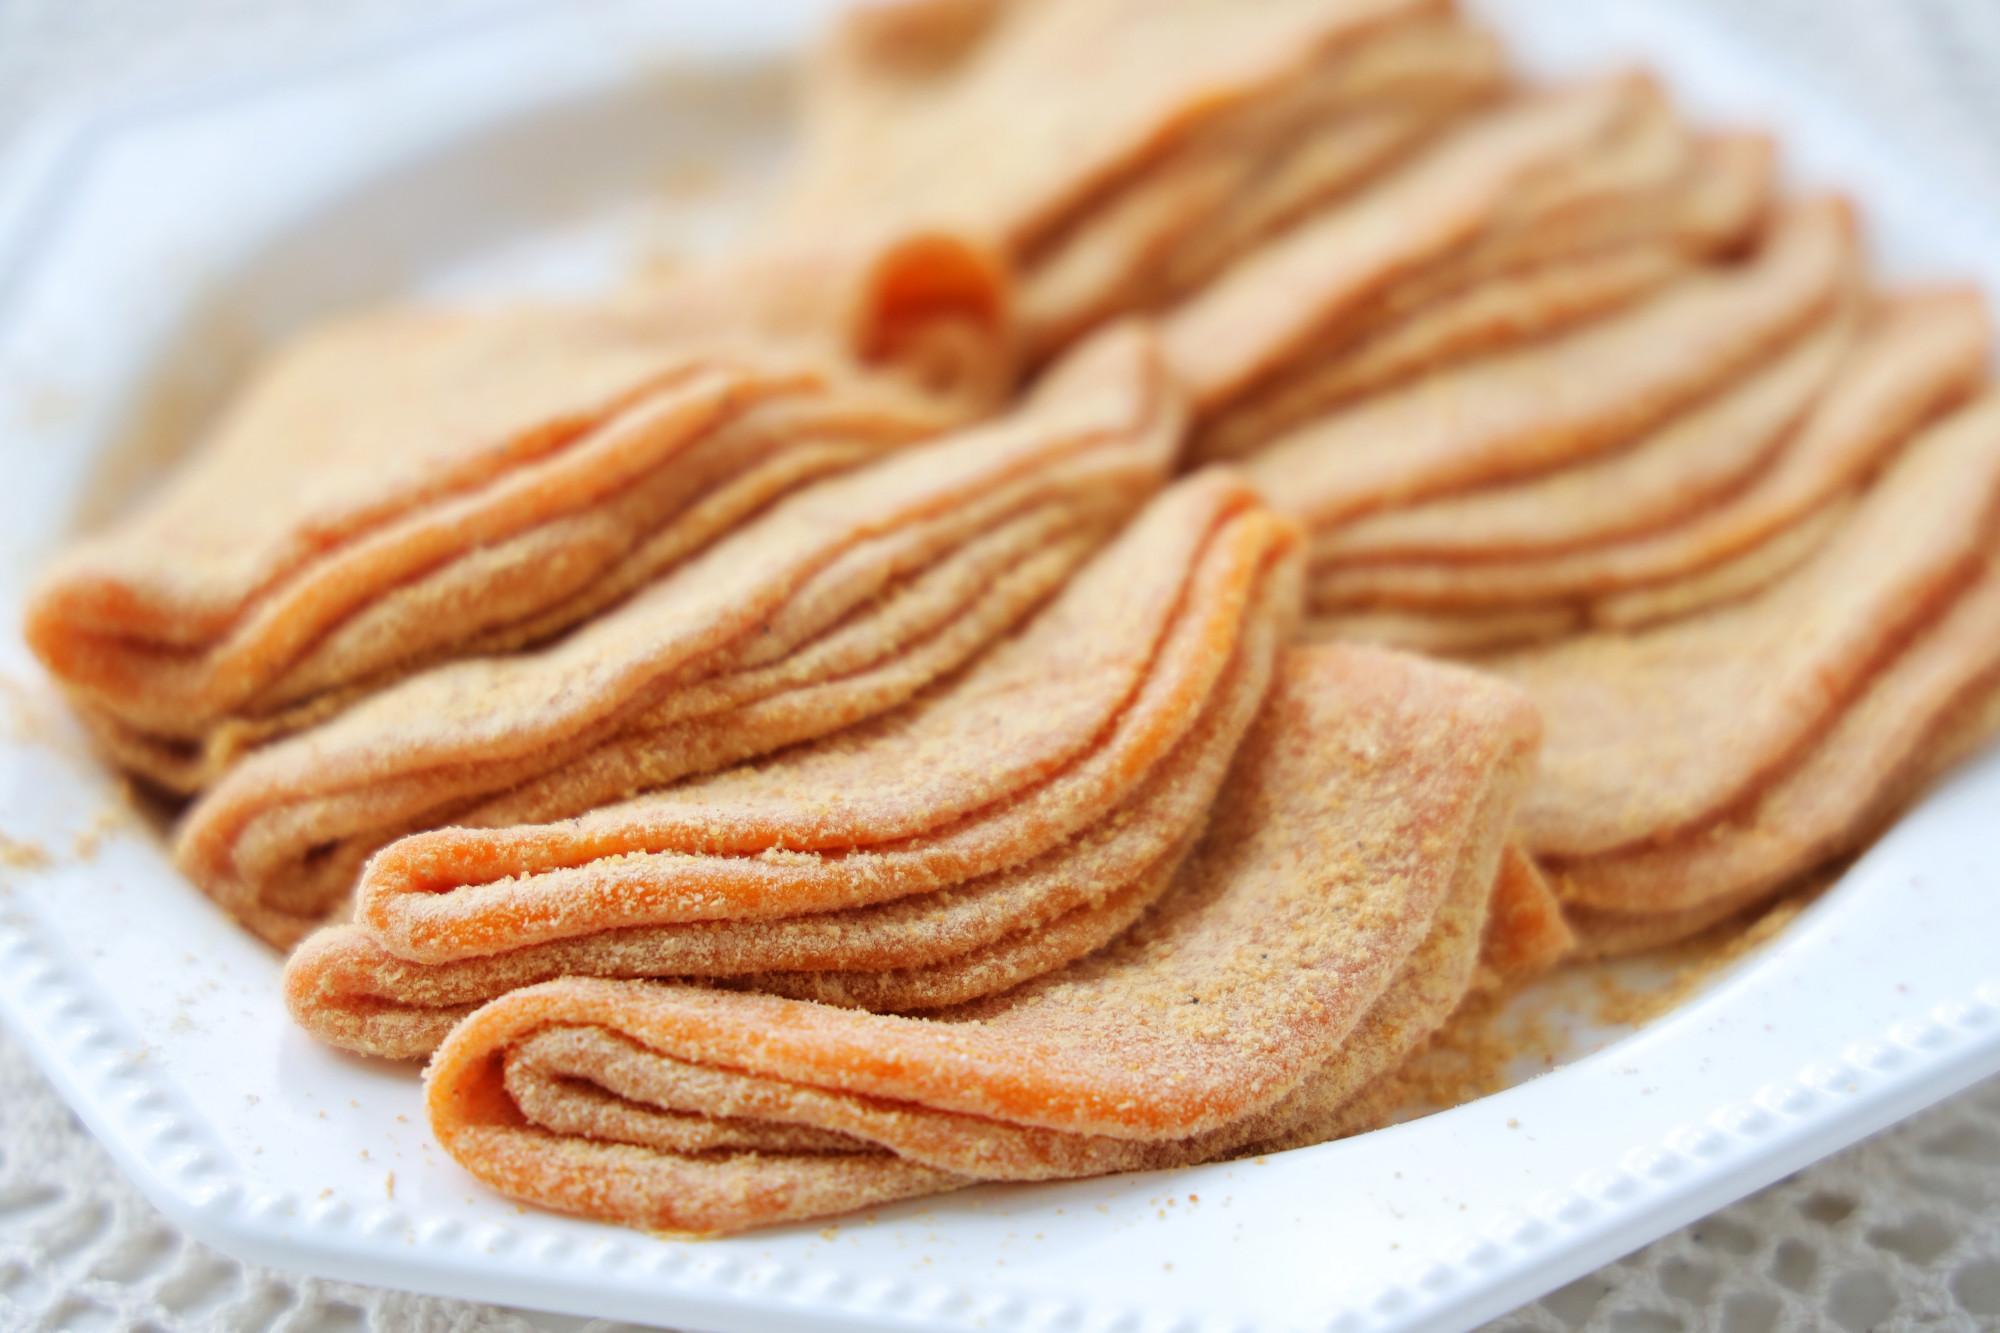 糯米粉和南瓜這樣做,既當點心又當早餐,軟糯香甜,越吃越上癮